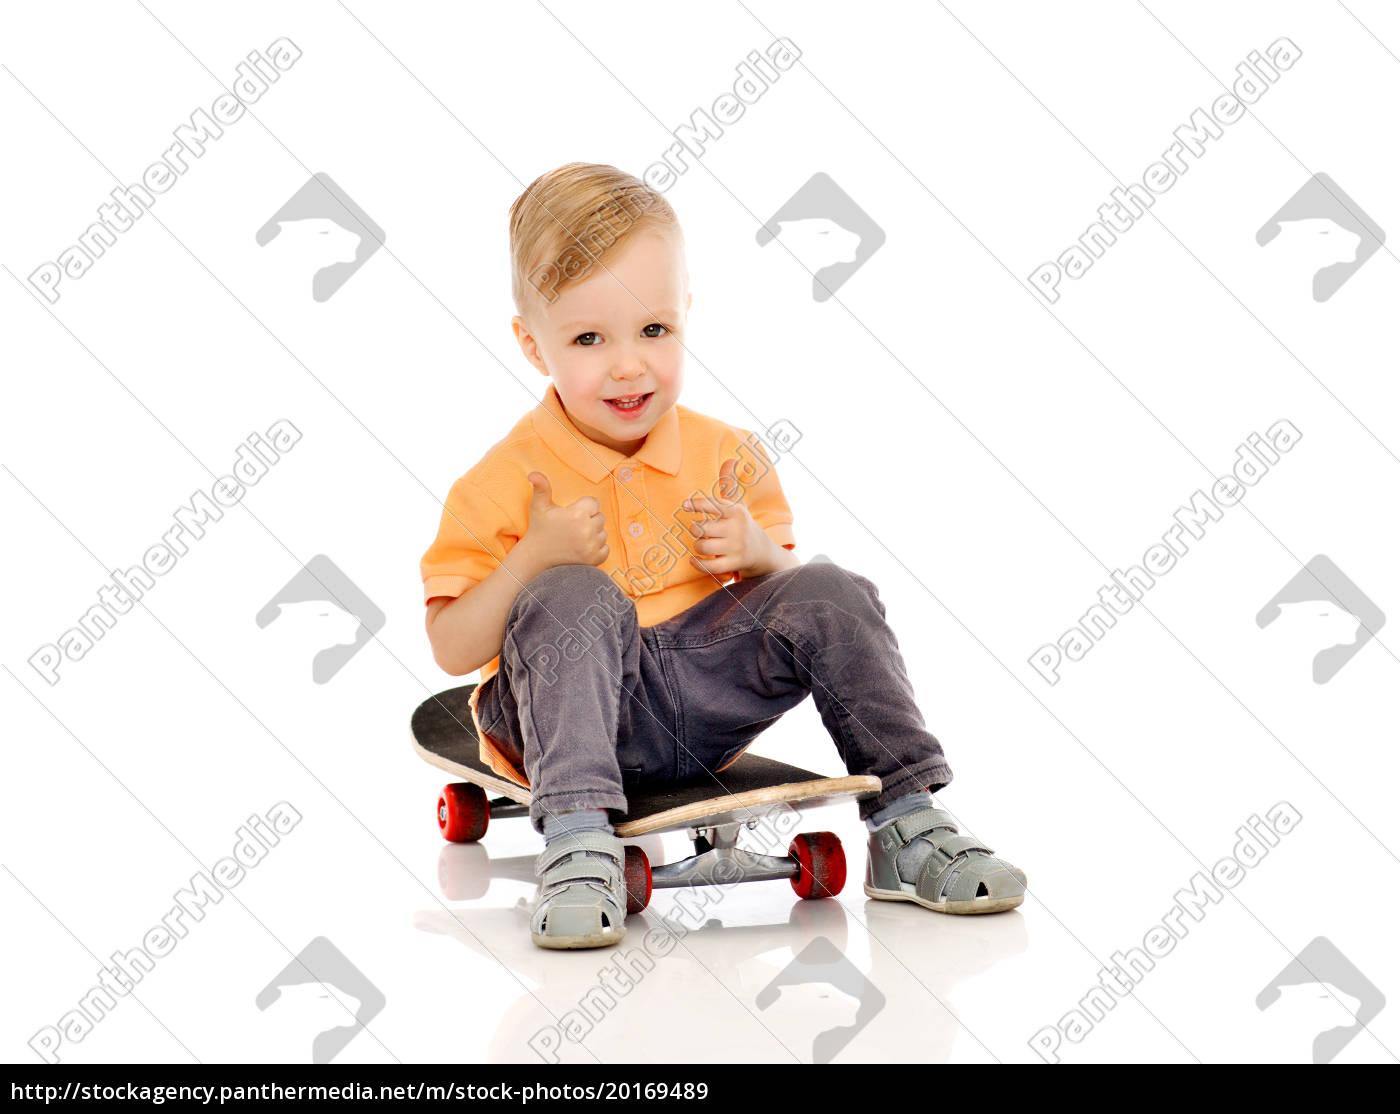 happy, little, boy, on, skateboard, showing - 20169489